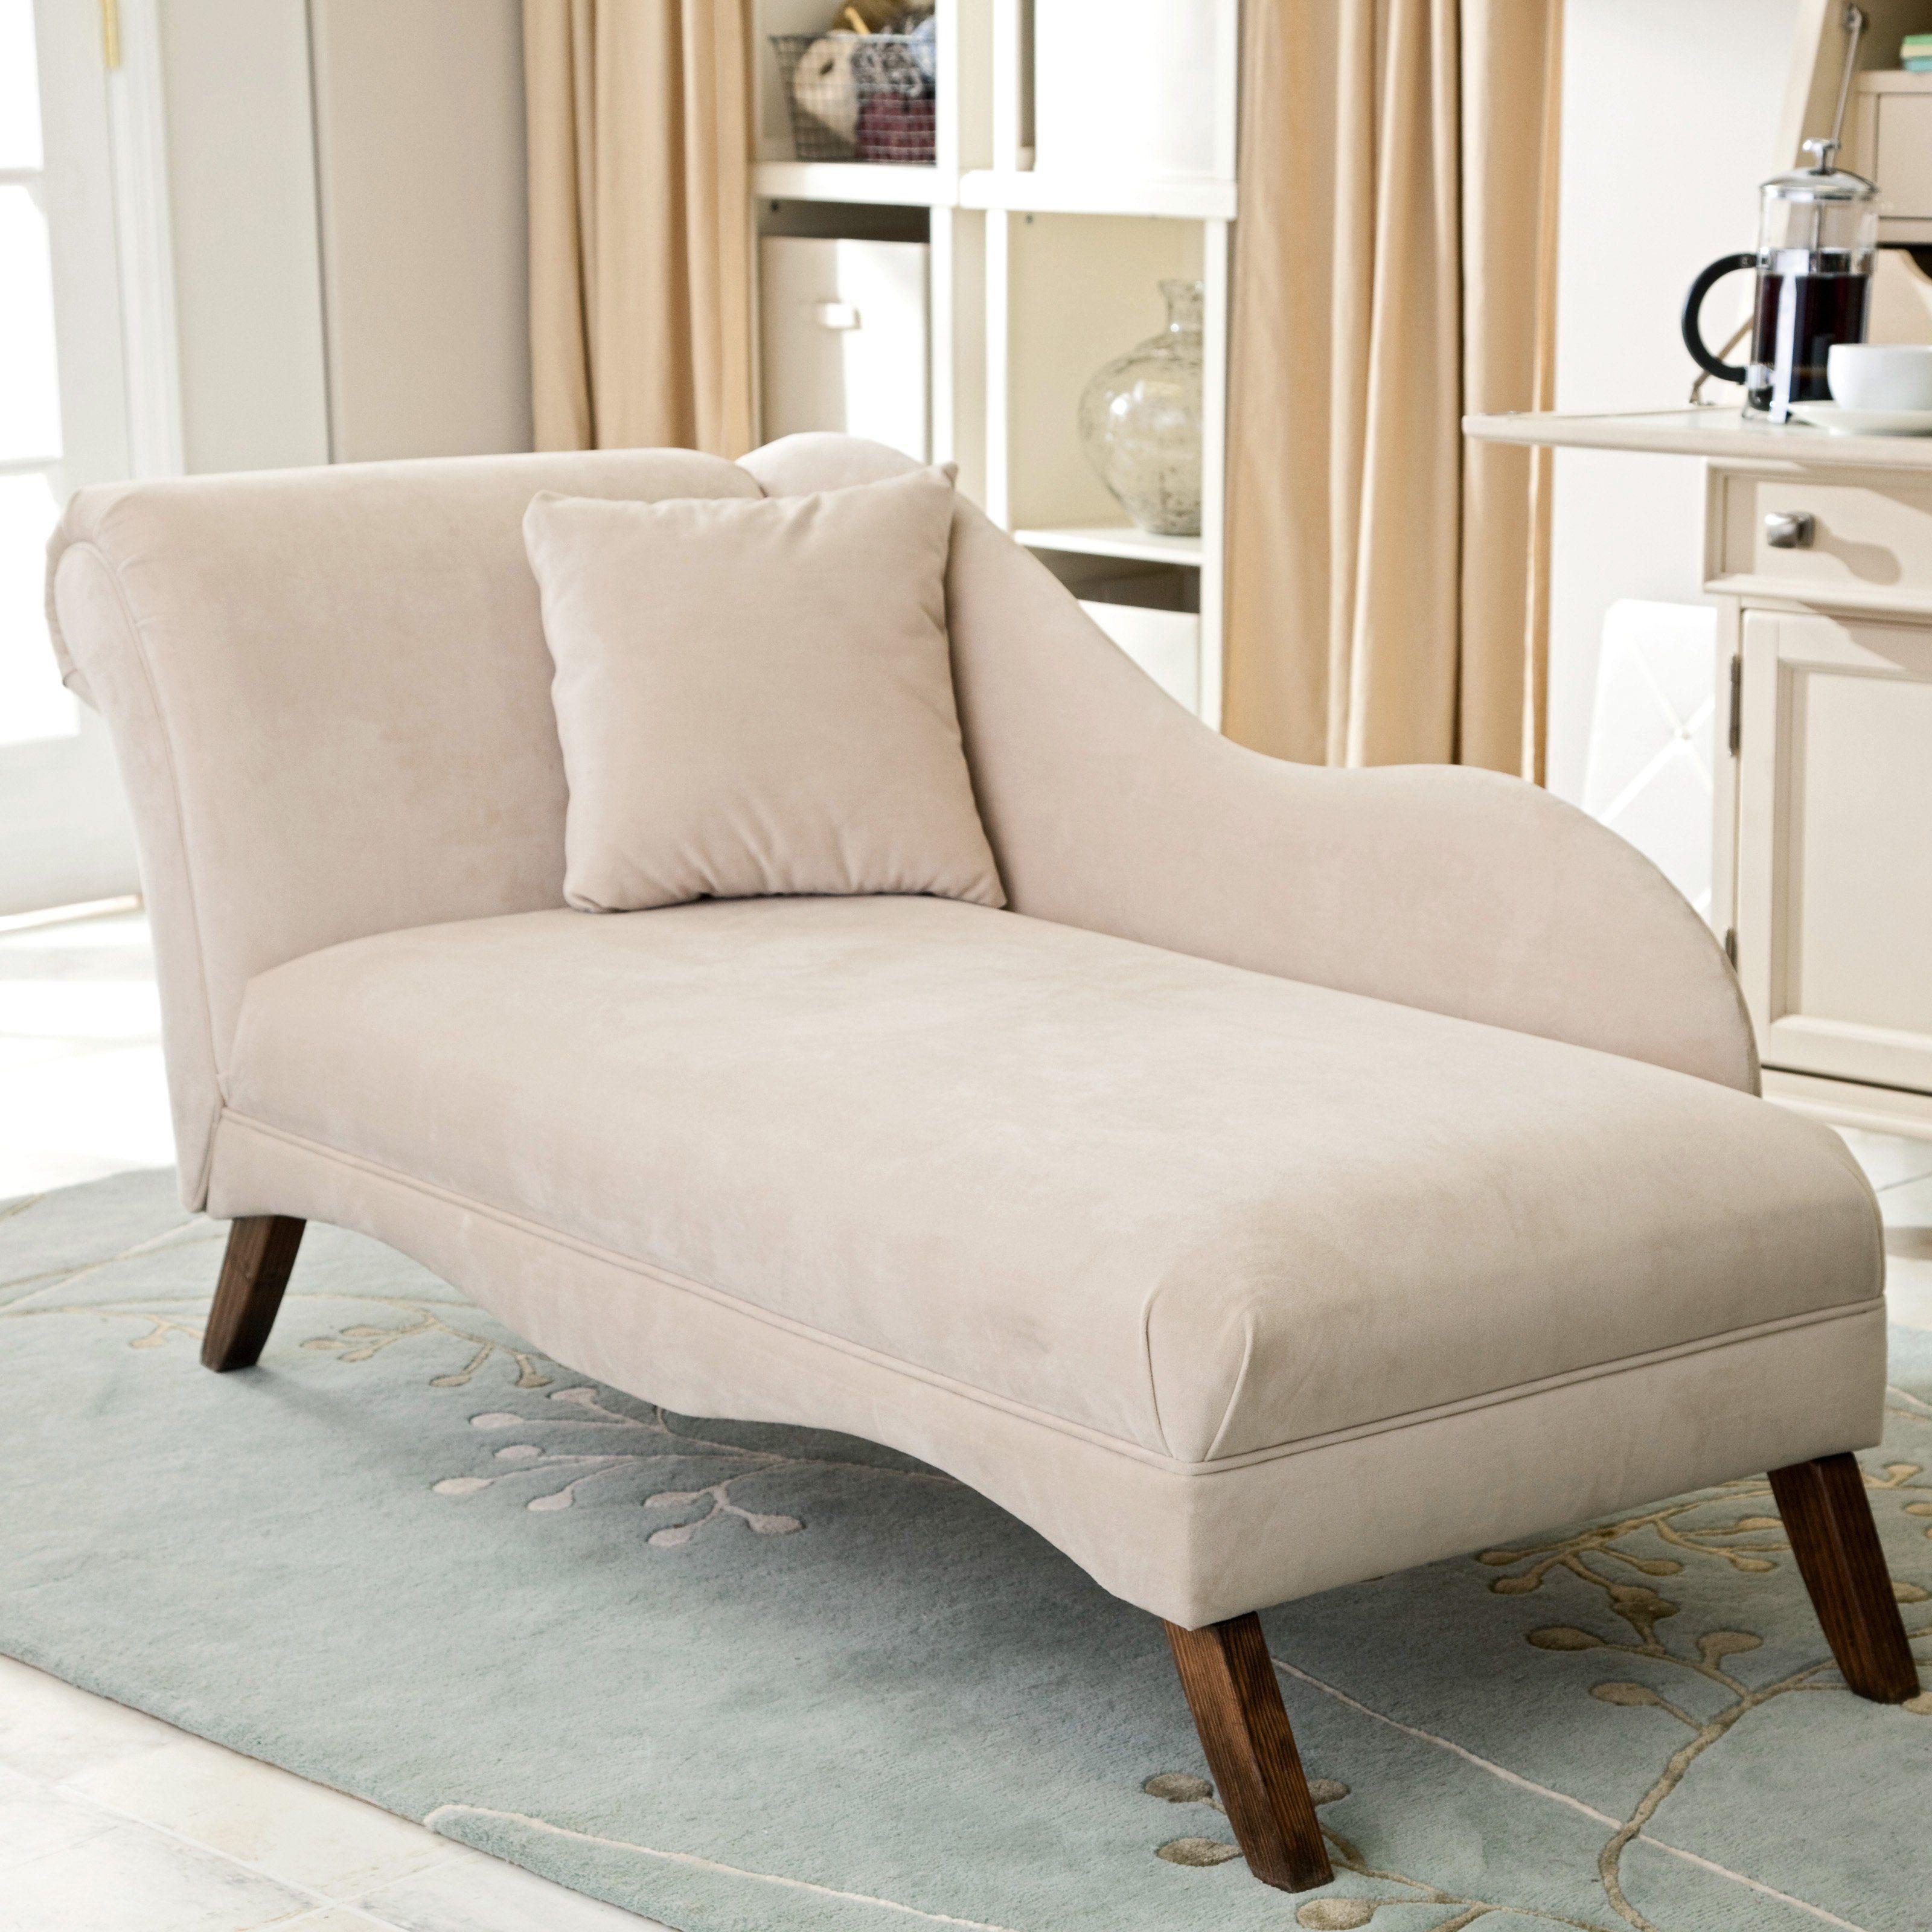 - Cosmo Chaise Lounge Stühle Für Schlafzimmer, Lounge Stuhl